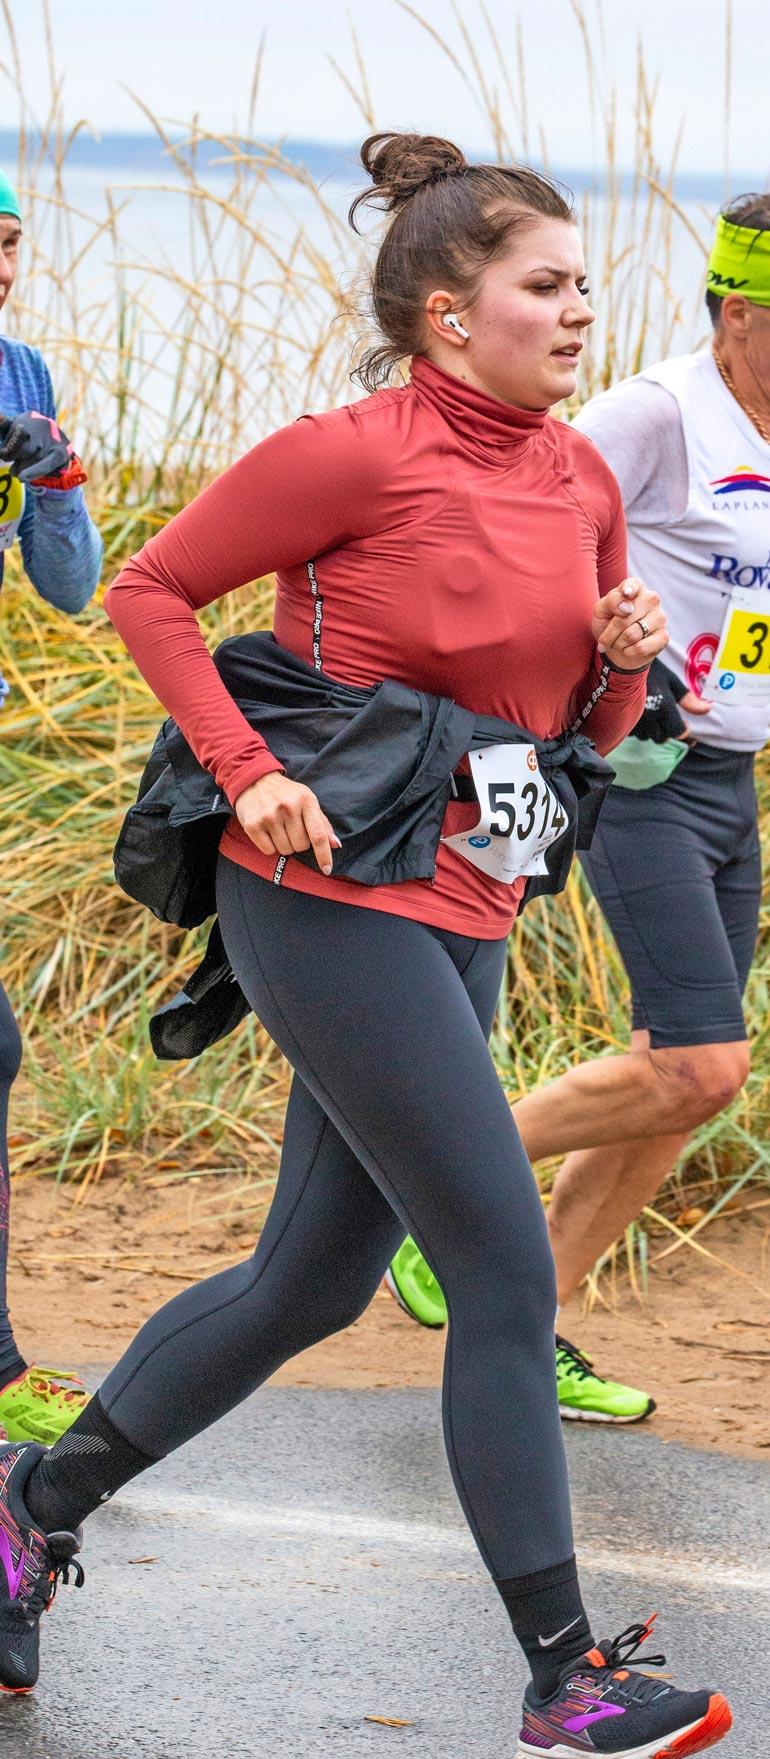 Suvi juoksi viime vuonna puolimaratonin ja aikoo osallistua kisaan taas ensi vuonna.